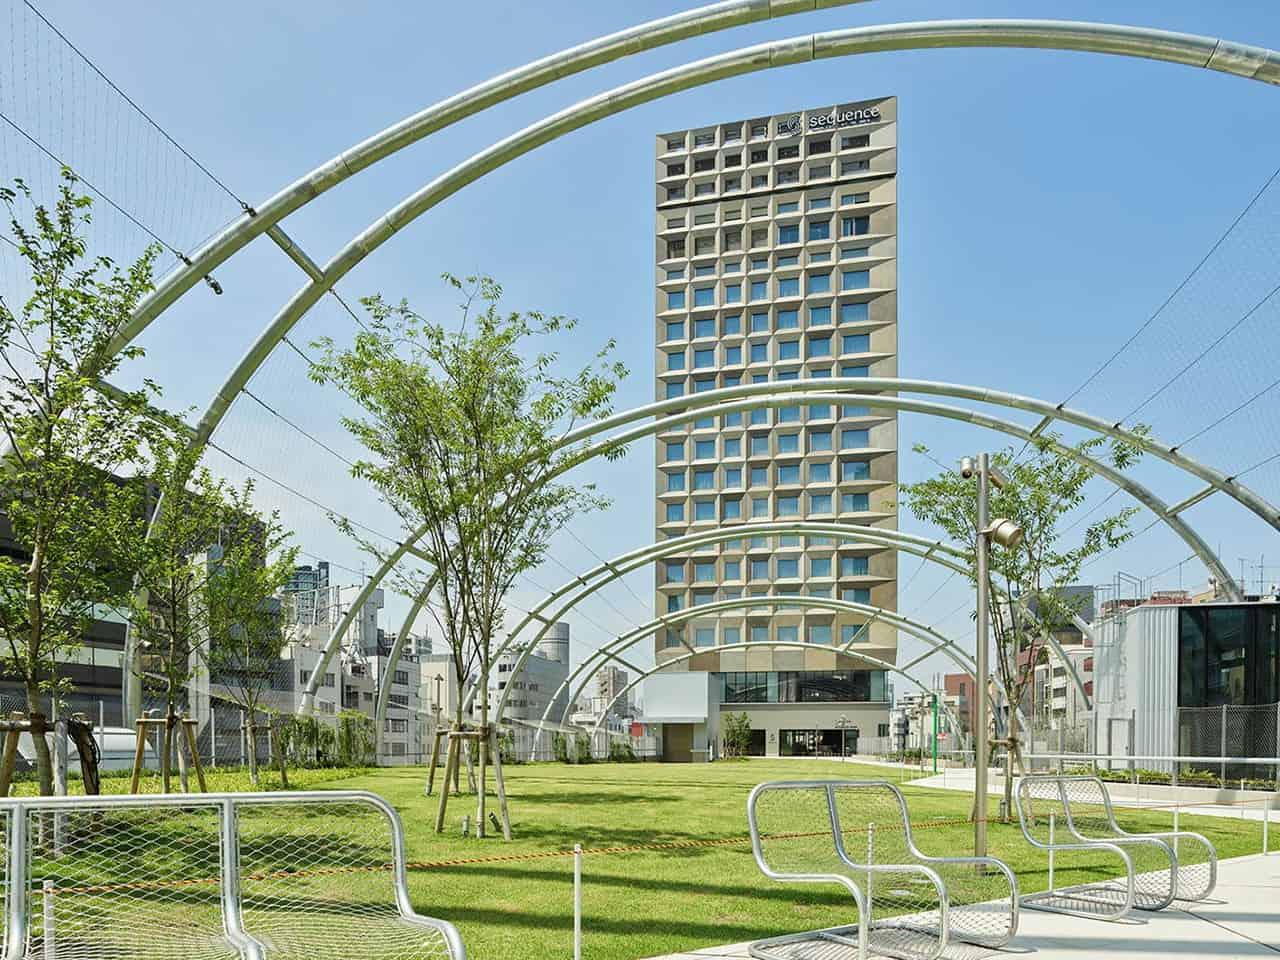 sequence MIYASHITA PARK ตั้งอยู่บนสวนสาธารณะลอยฟ้ามิยาชิตะ ในย่านชิบูย่า